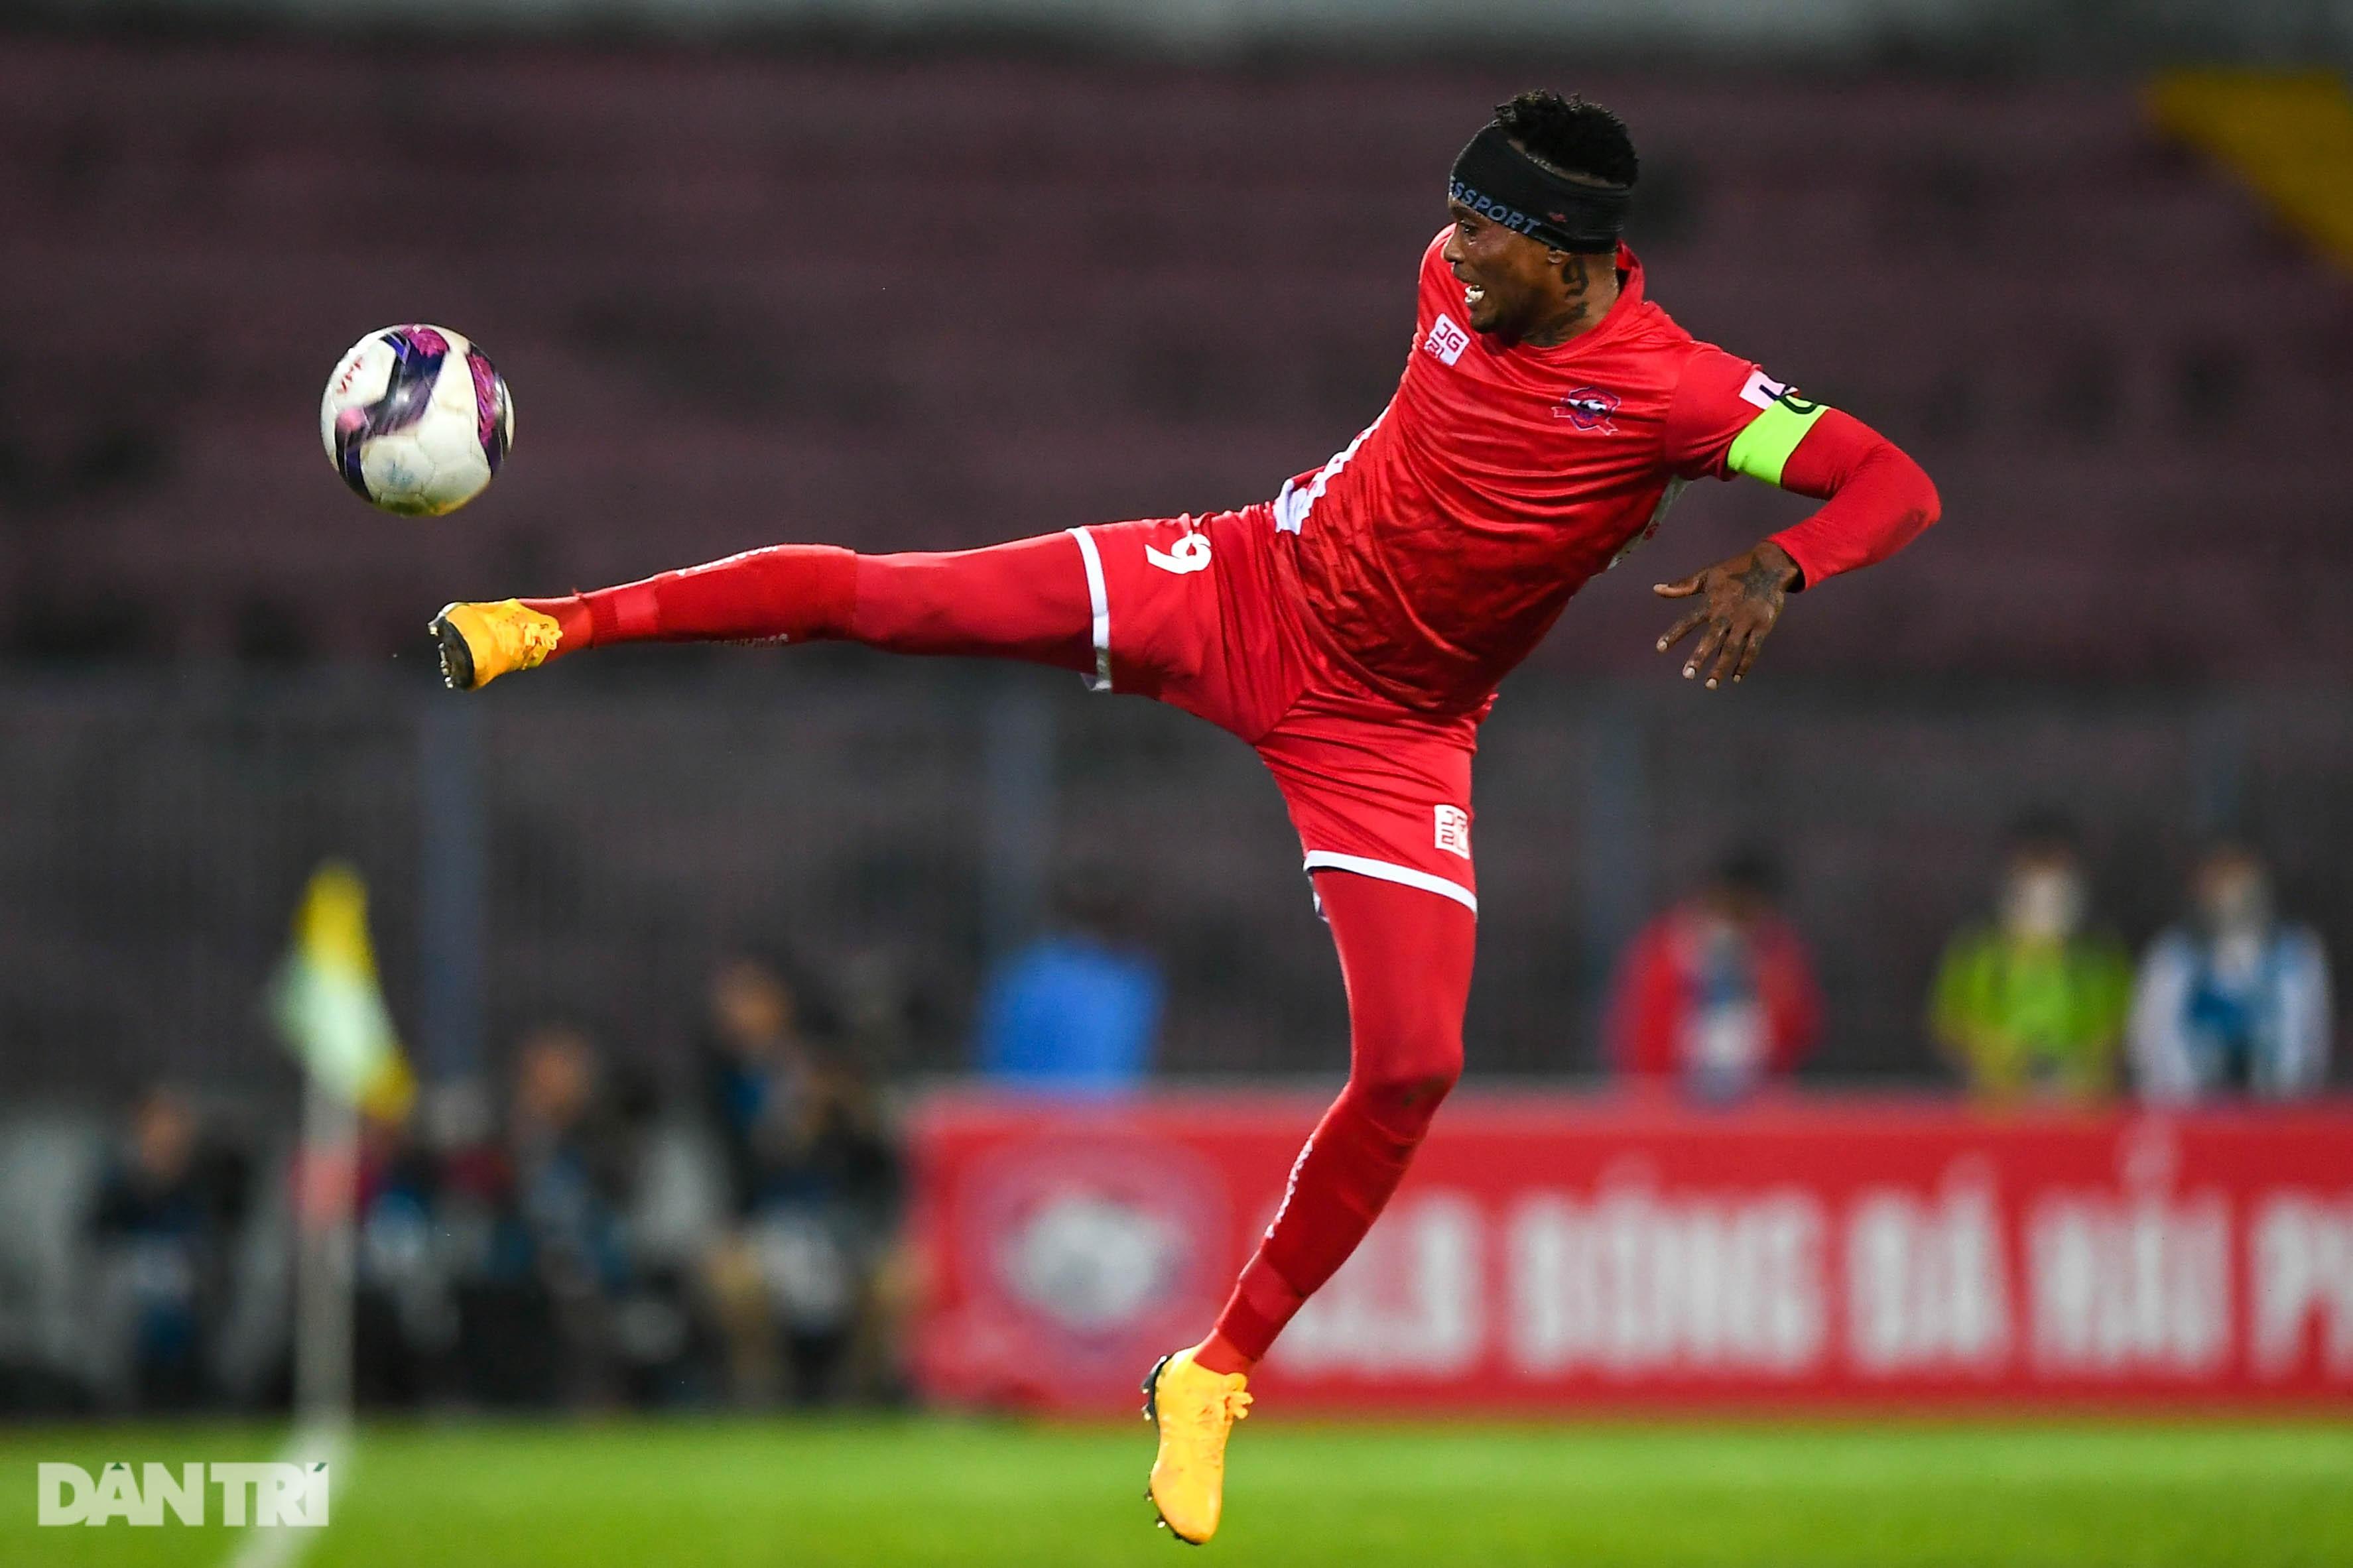 Người hùng Tấn Trường giúp CLB Hà Nội có 3 điểm đầu tiên ở V-League - 22